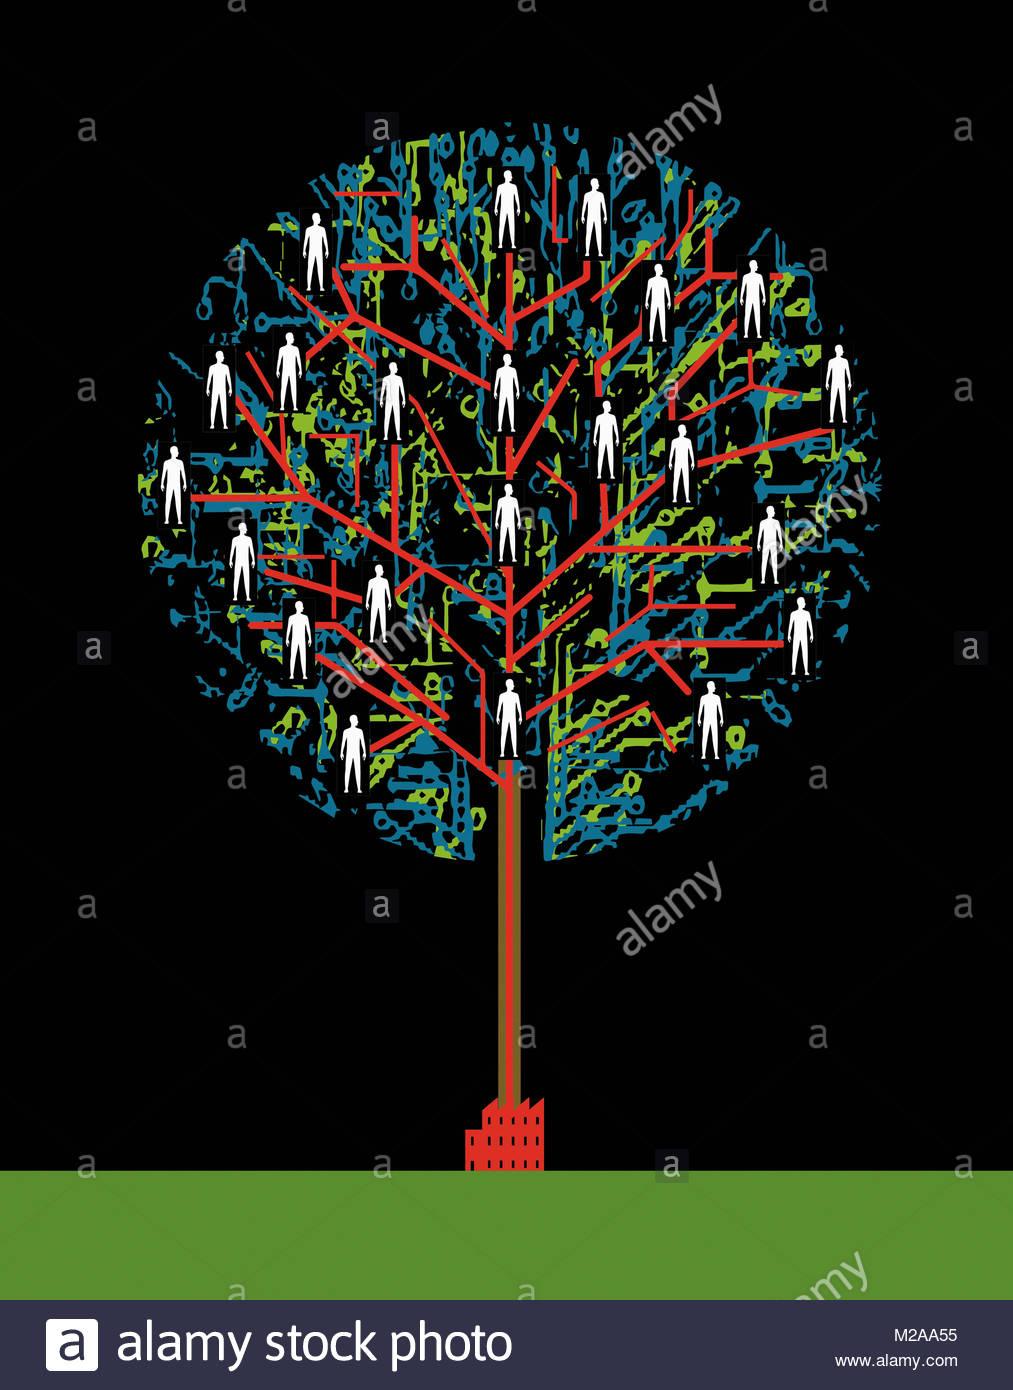 Personnes connectés en réseau l'arboriculture de l'usine Photo Stock